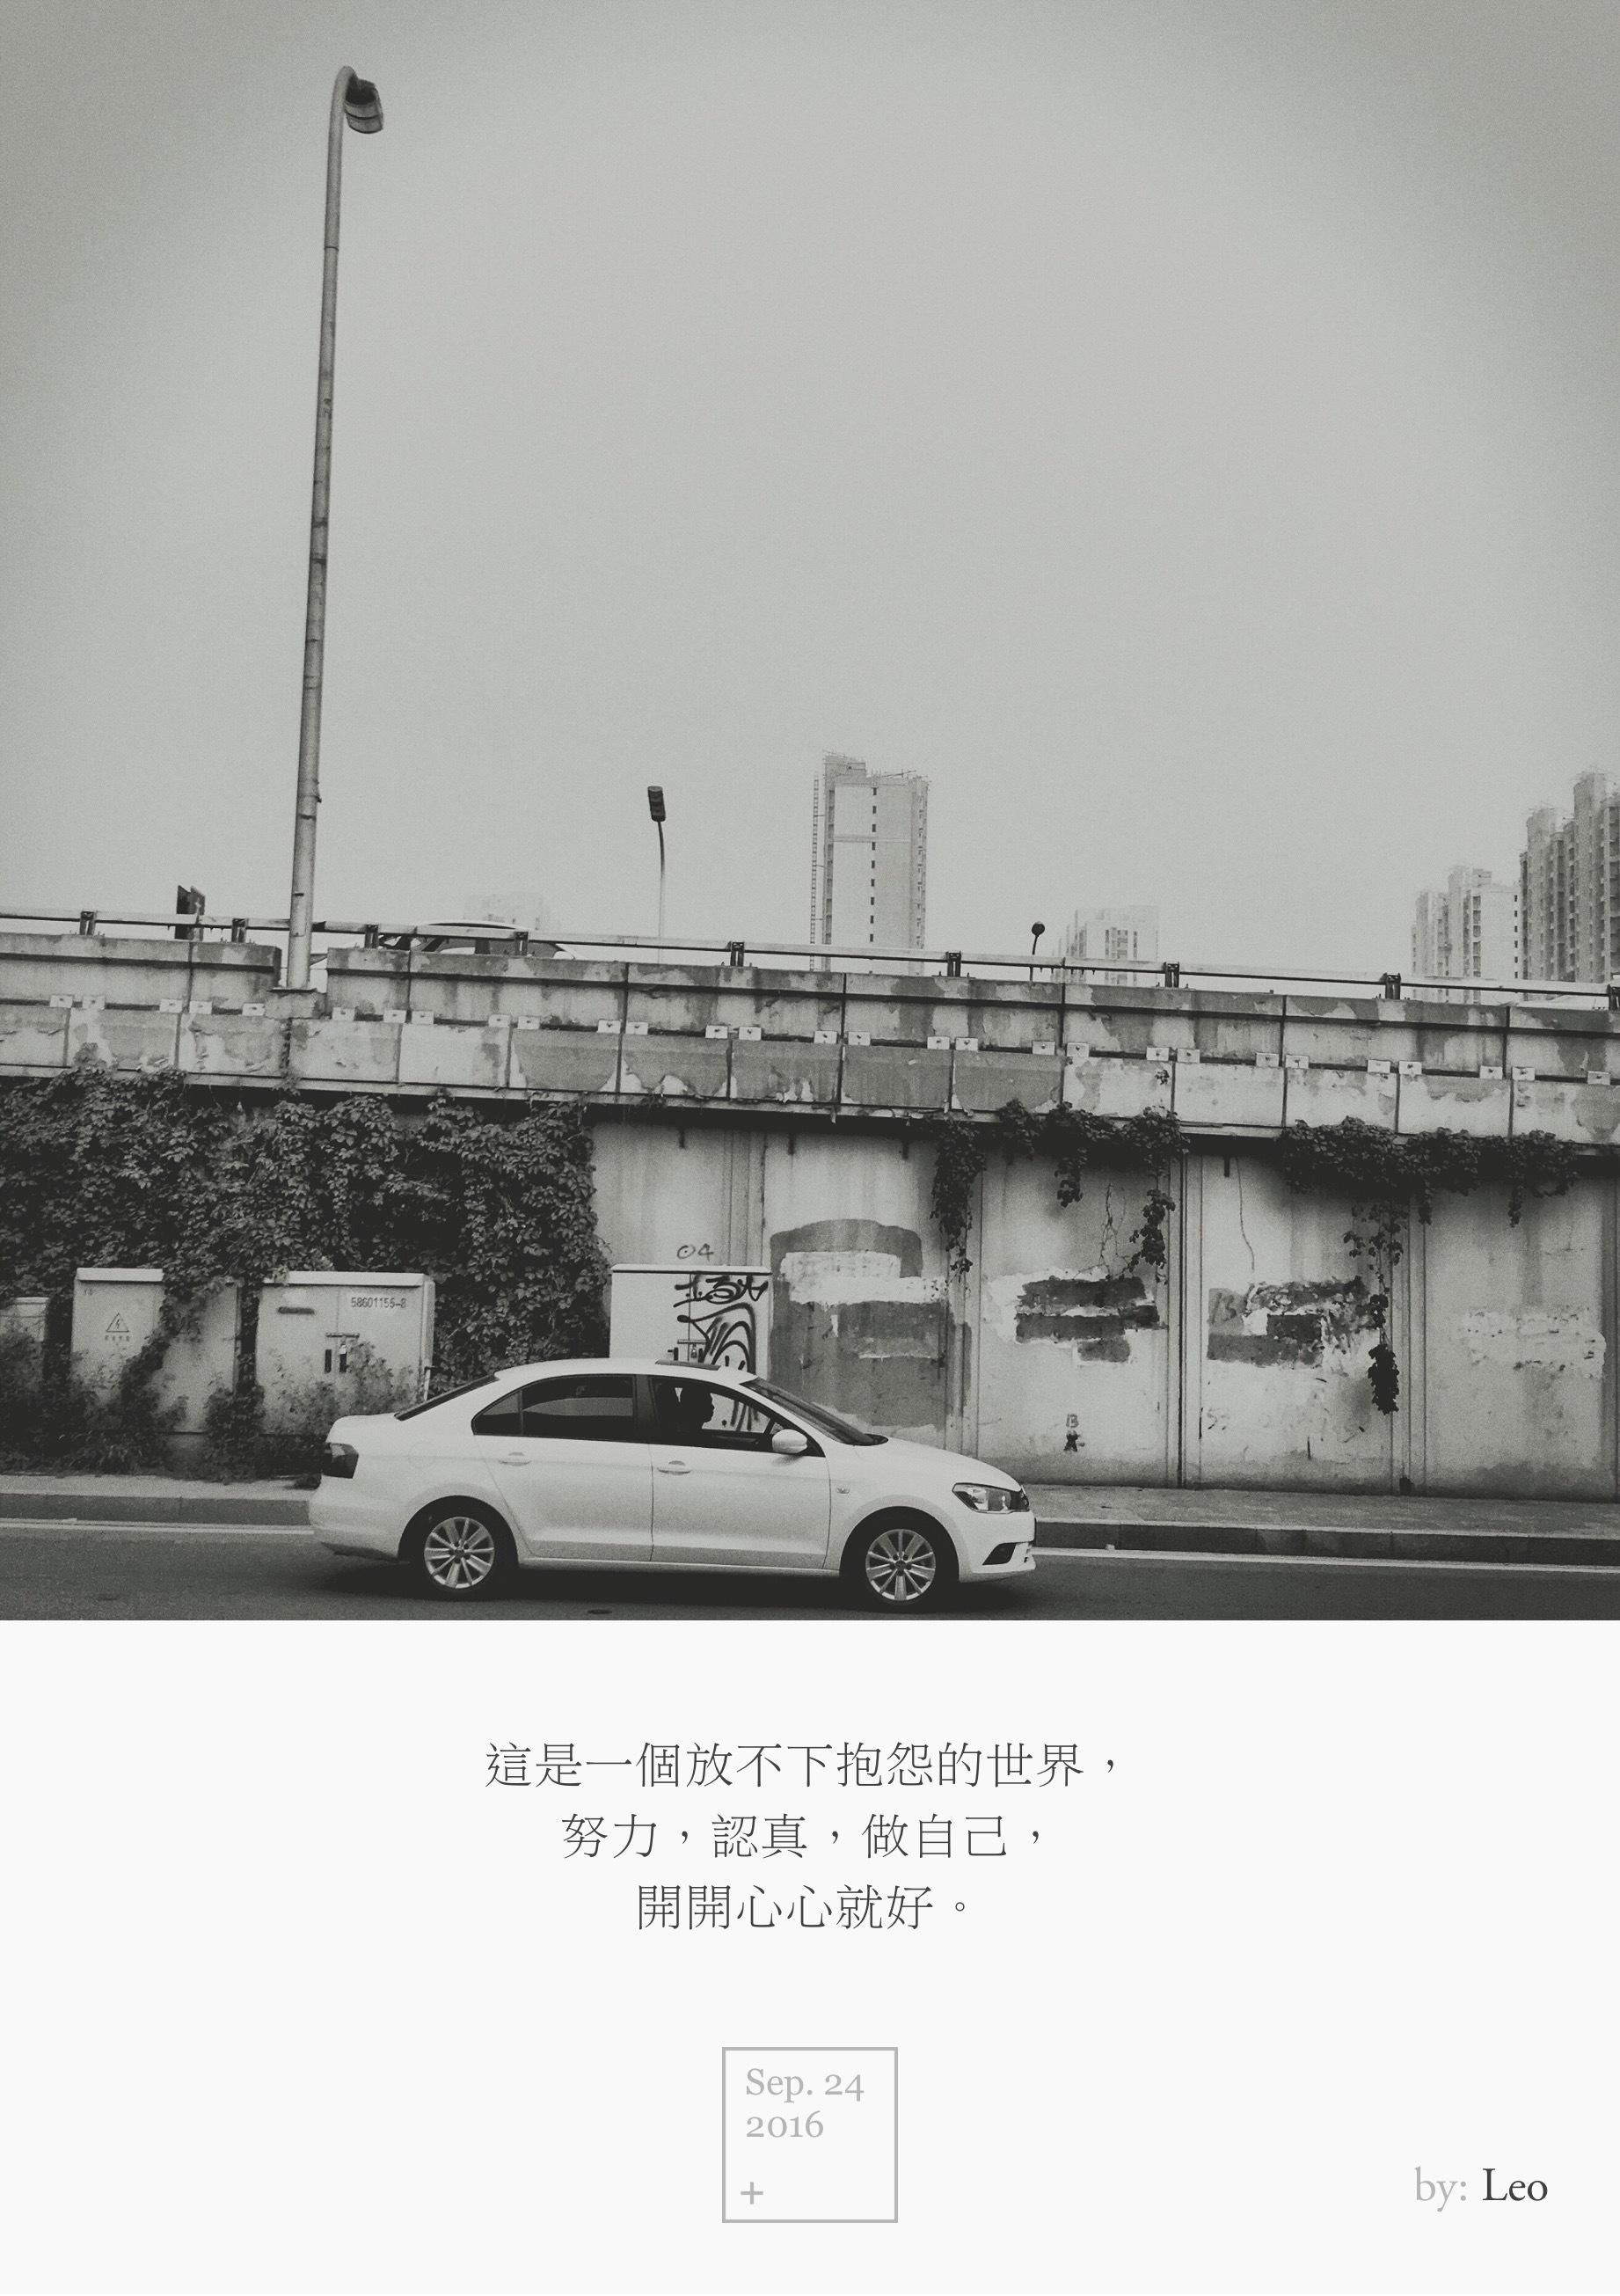 公路 汽车 黑白